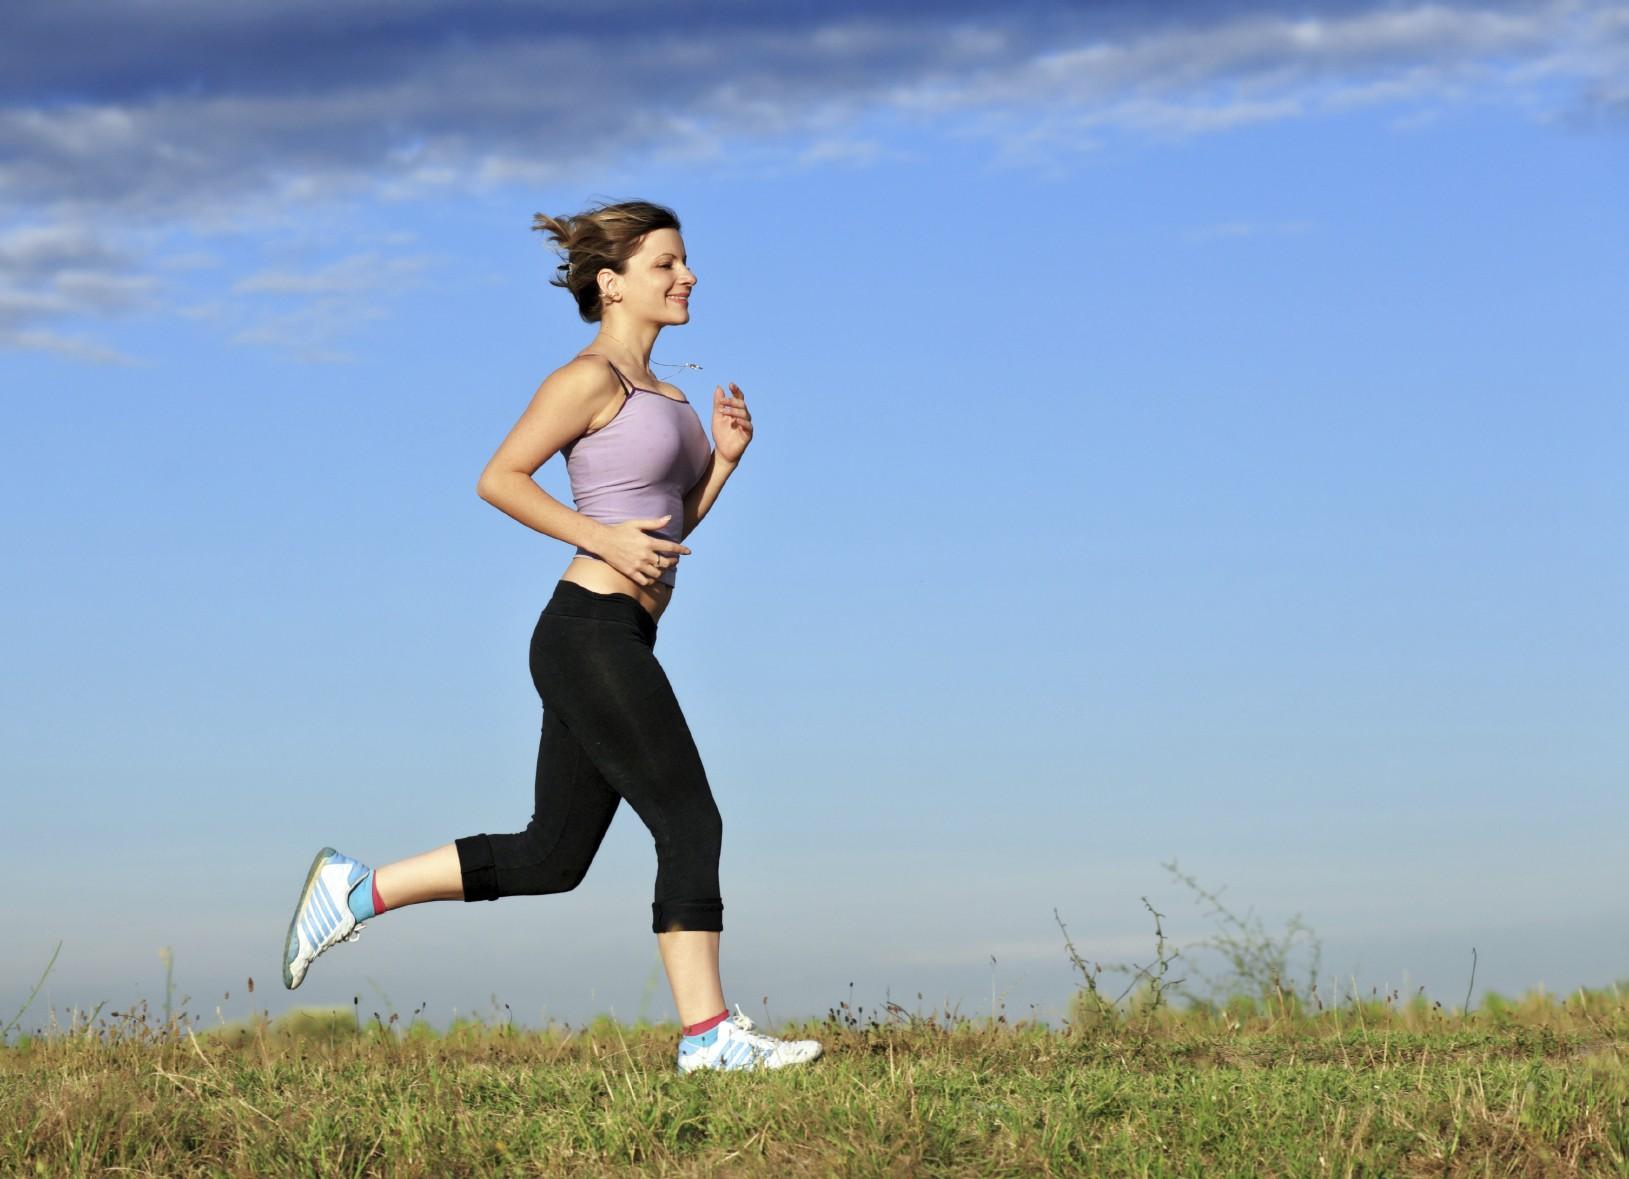 lehetséges-e hipertóniával 3 sportolni)